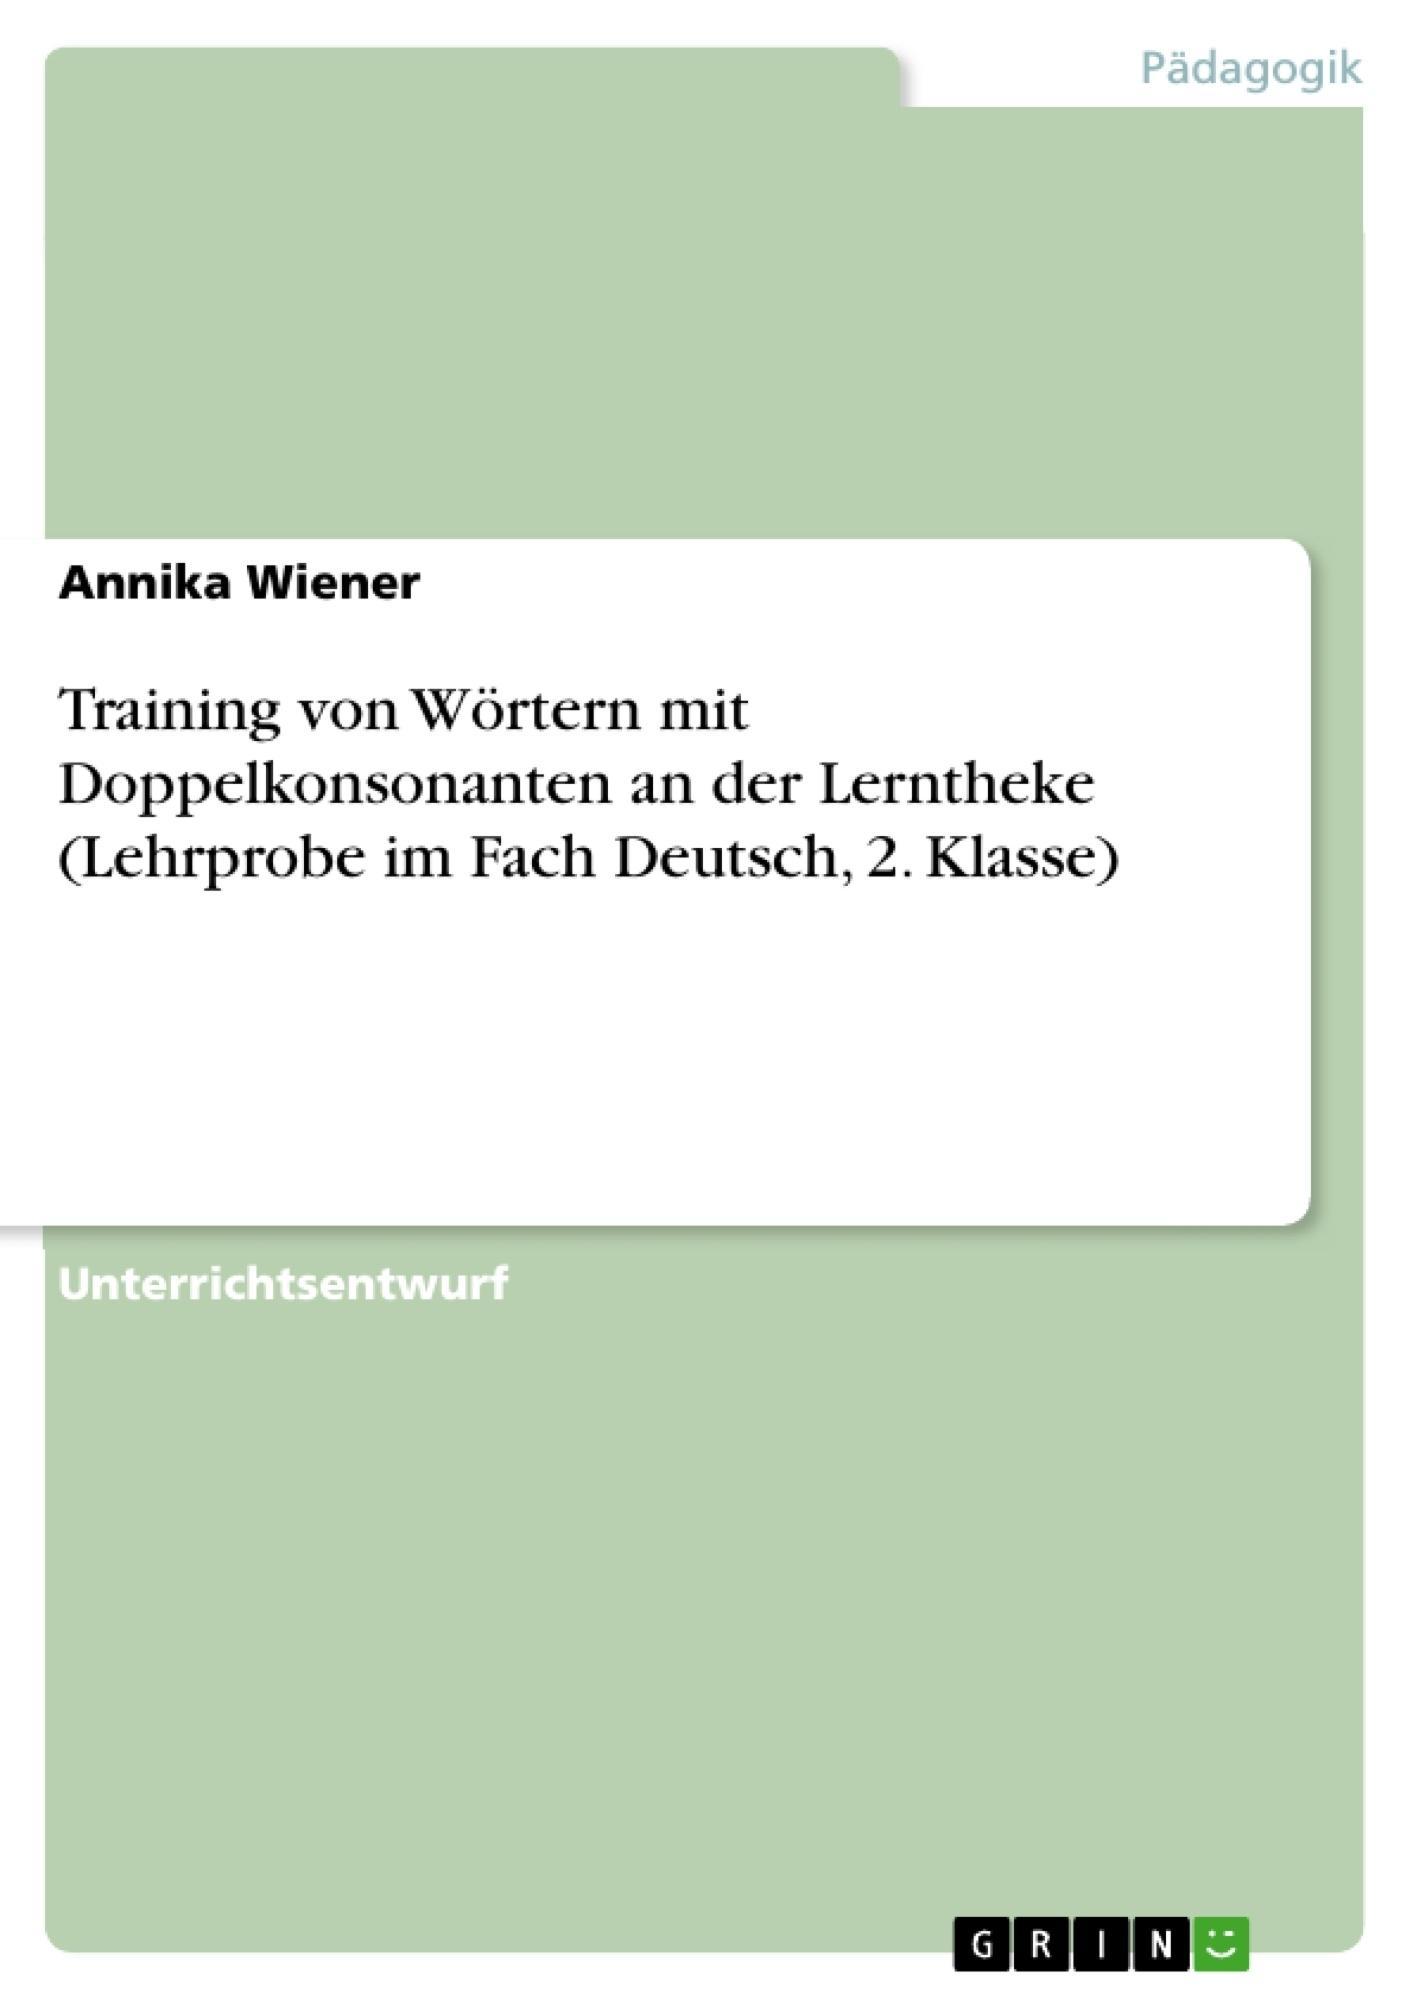 Titel: Training von Wörtern mit Doppelkonsonanten an der Lerntheke  (Lehrprobe im Fach Deutsch, 2. Klasse)